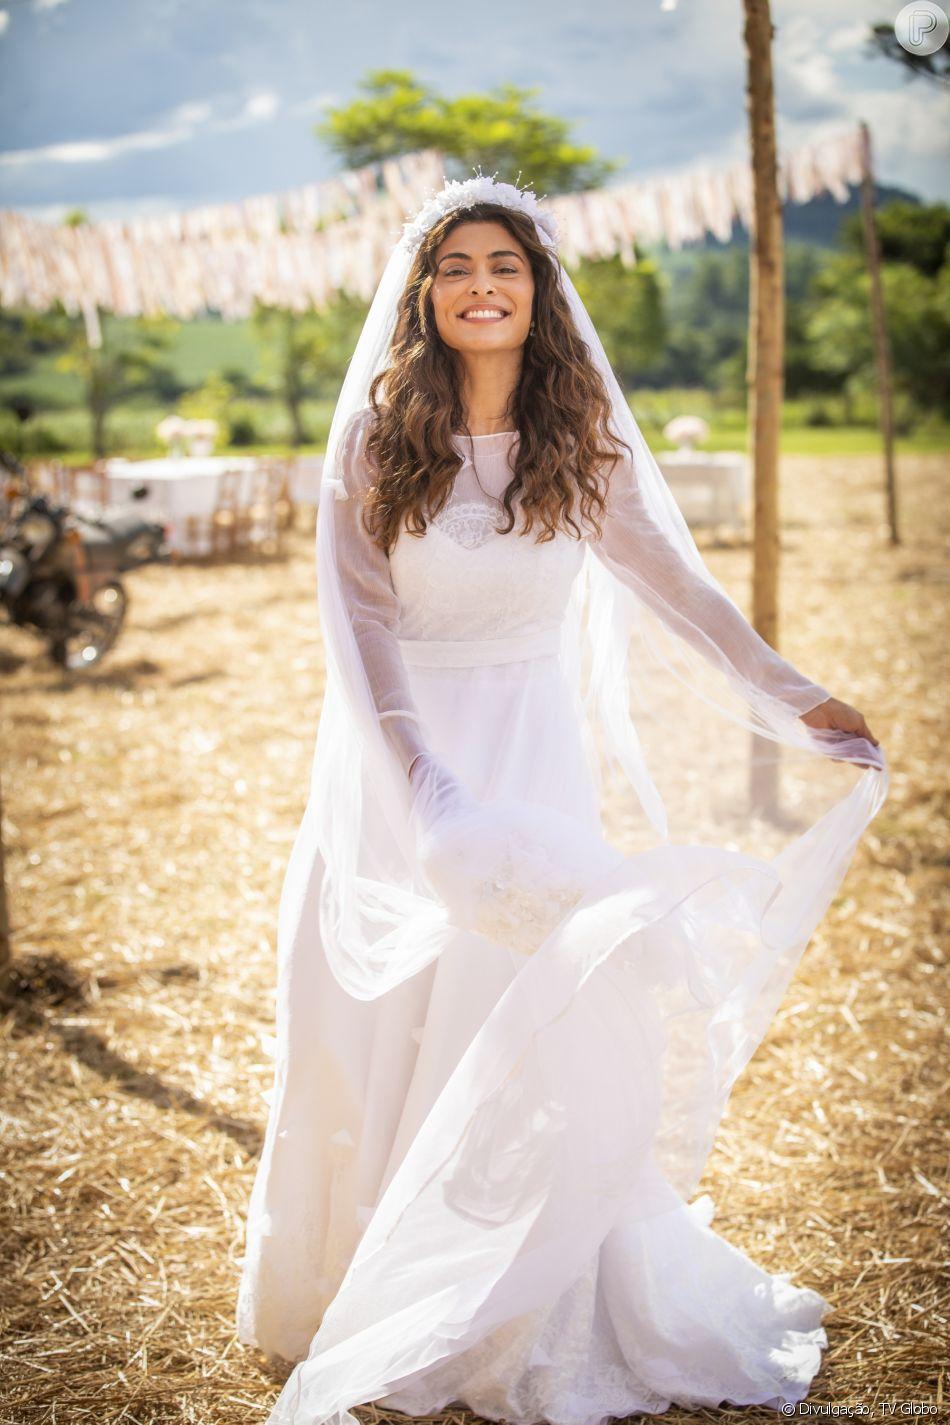 787a19e209 O vestido de noiva de Maria da Paz (Juliana Paes) em  A Dona do Pedaço   tinha transparência nas mangas e decote alto